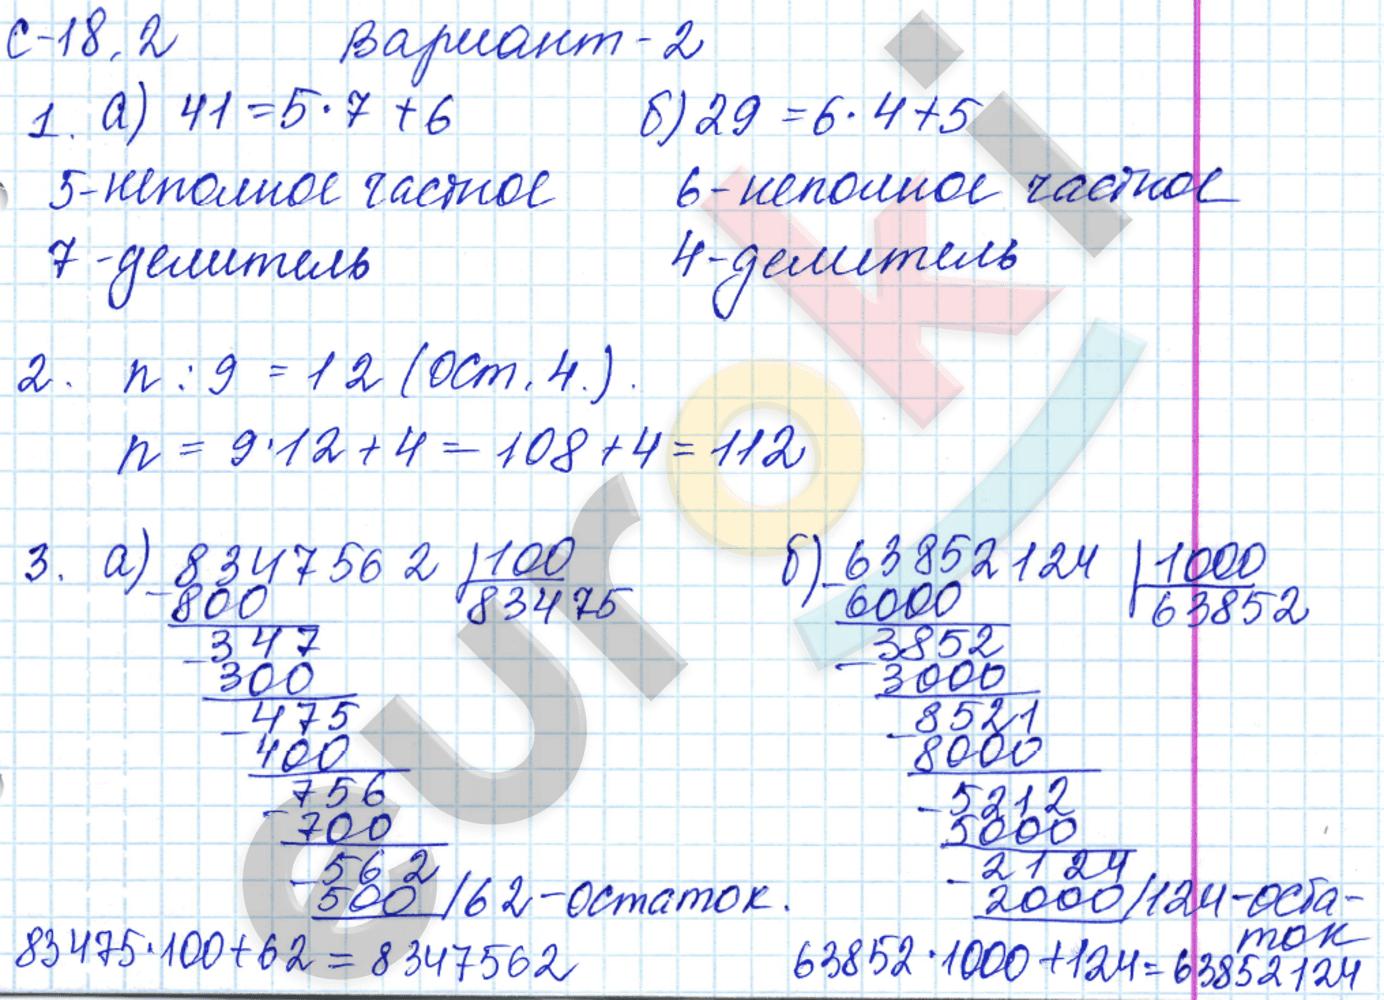 ГДЗ по математике 5 класс самостоятельные работы Зубарева, Мильштейн, Шанцева Тема 2. Обыкновенные дроби, С-18.2. Деление с остатком. Задание: Вариант 2